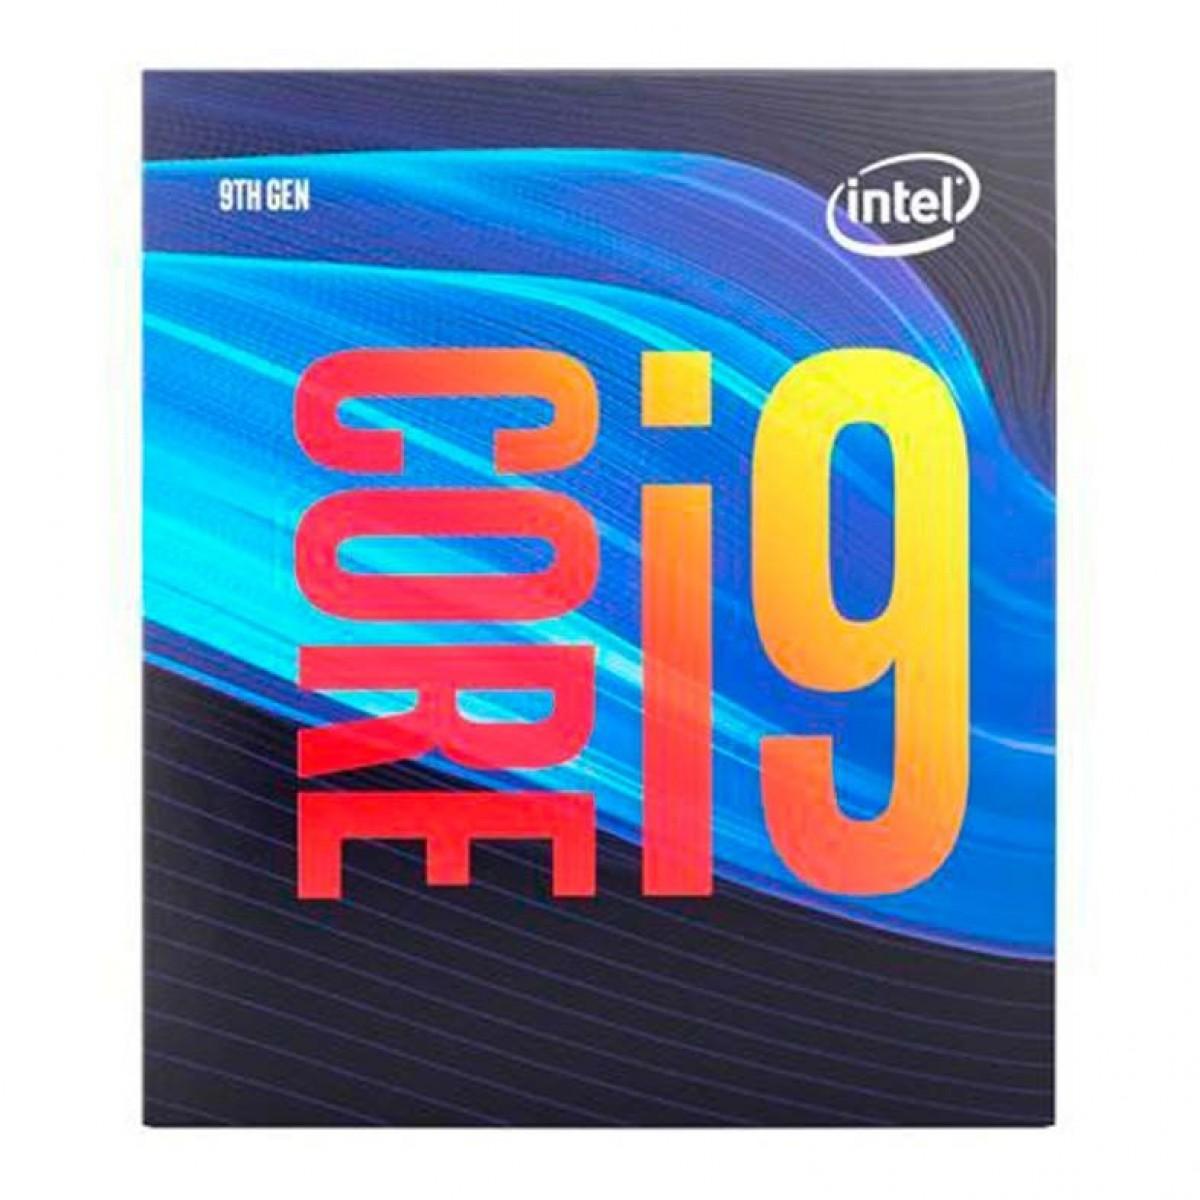 Processador Intel Core i9 9900 3.10GHz (5.0GHz Turbo), 9ª Geração, 8-Core 16-Thread, LGA 1151, BX80684I99900